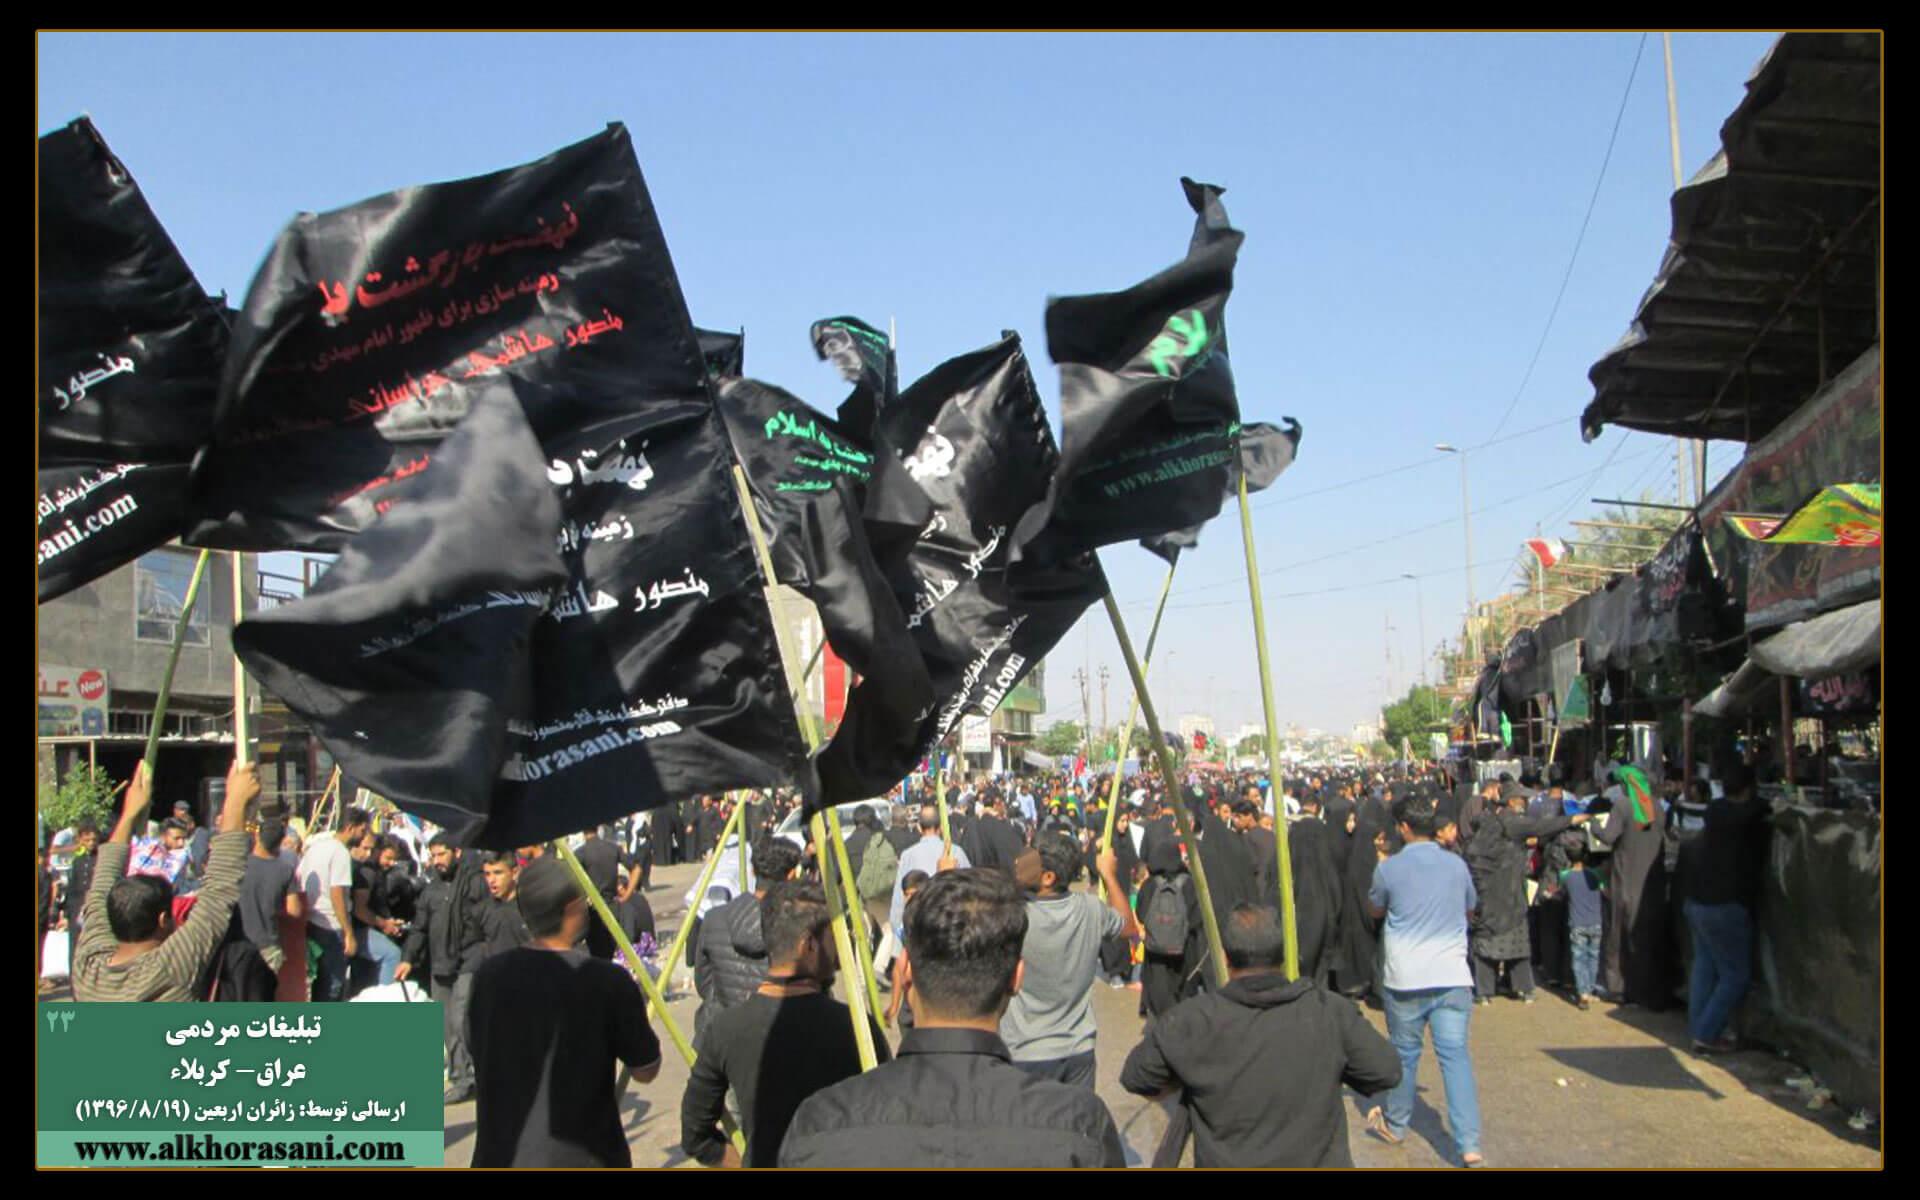 پرچم های سیاه خراسانی در کربلاء